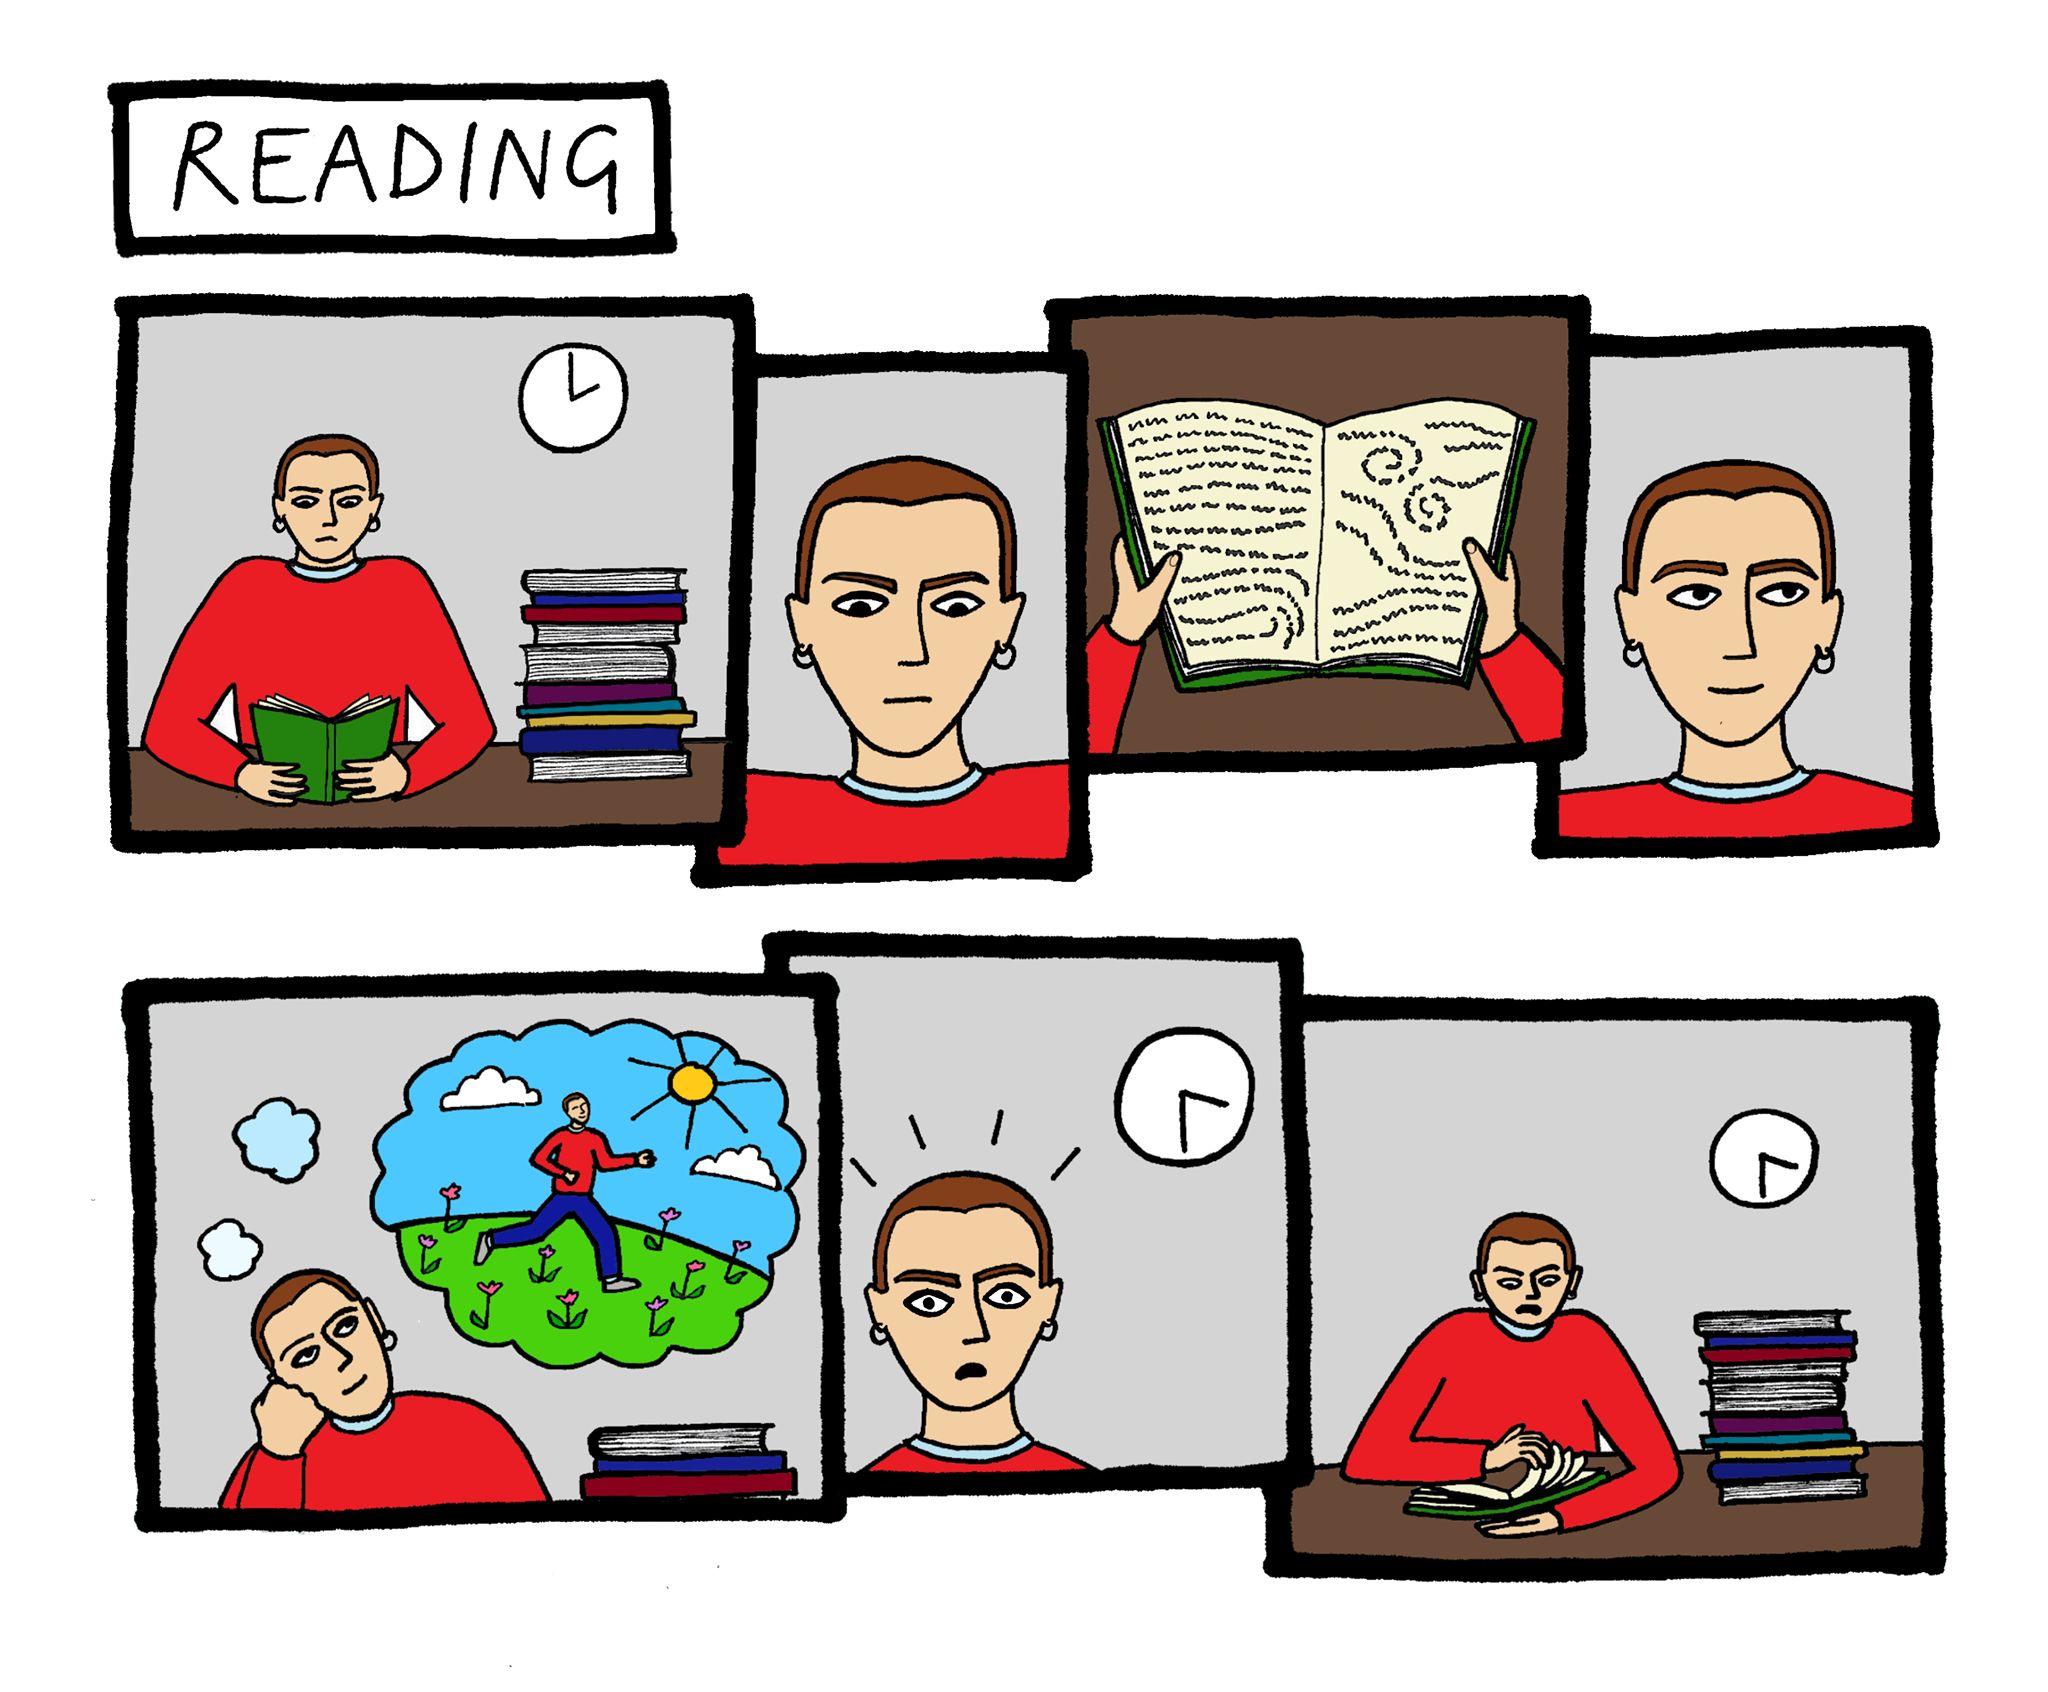 Image may contain: Human, Person, Comics, Book